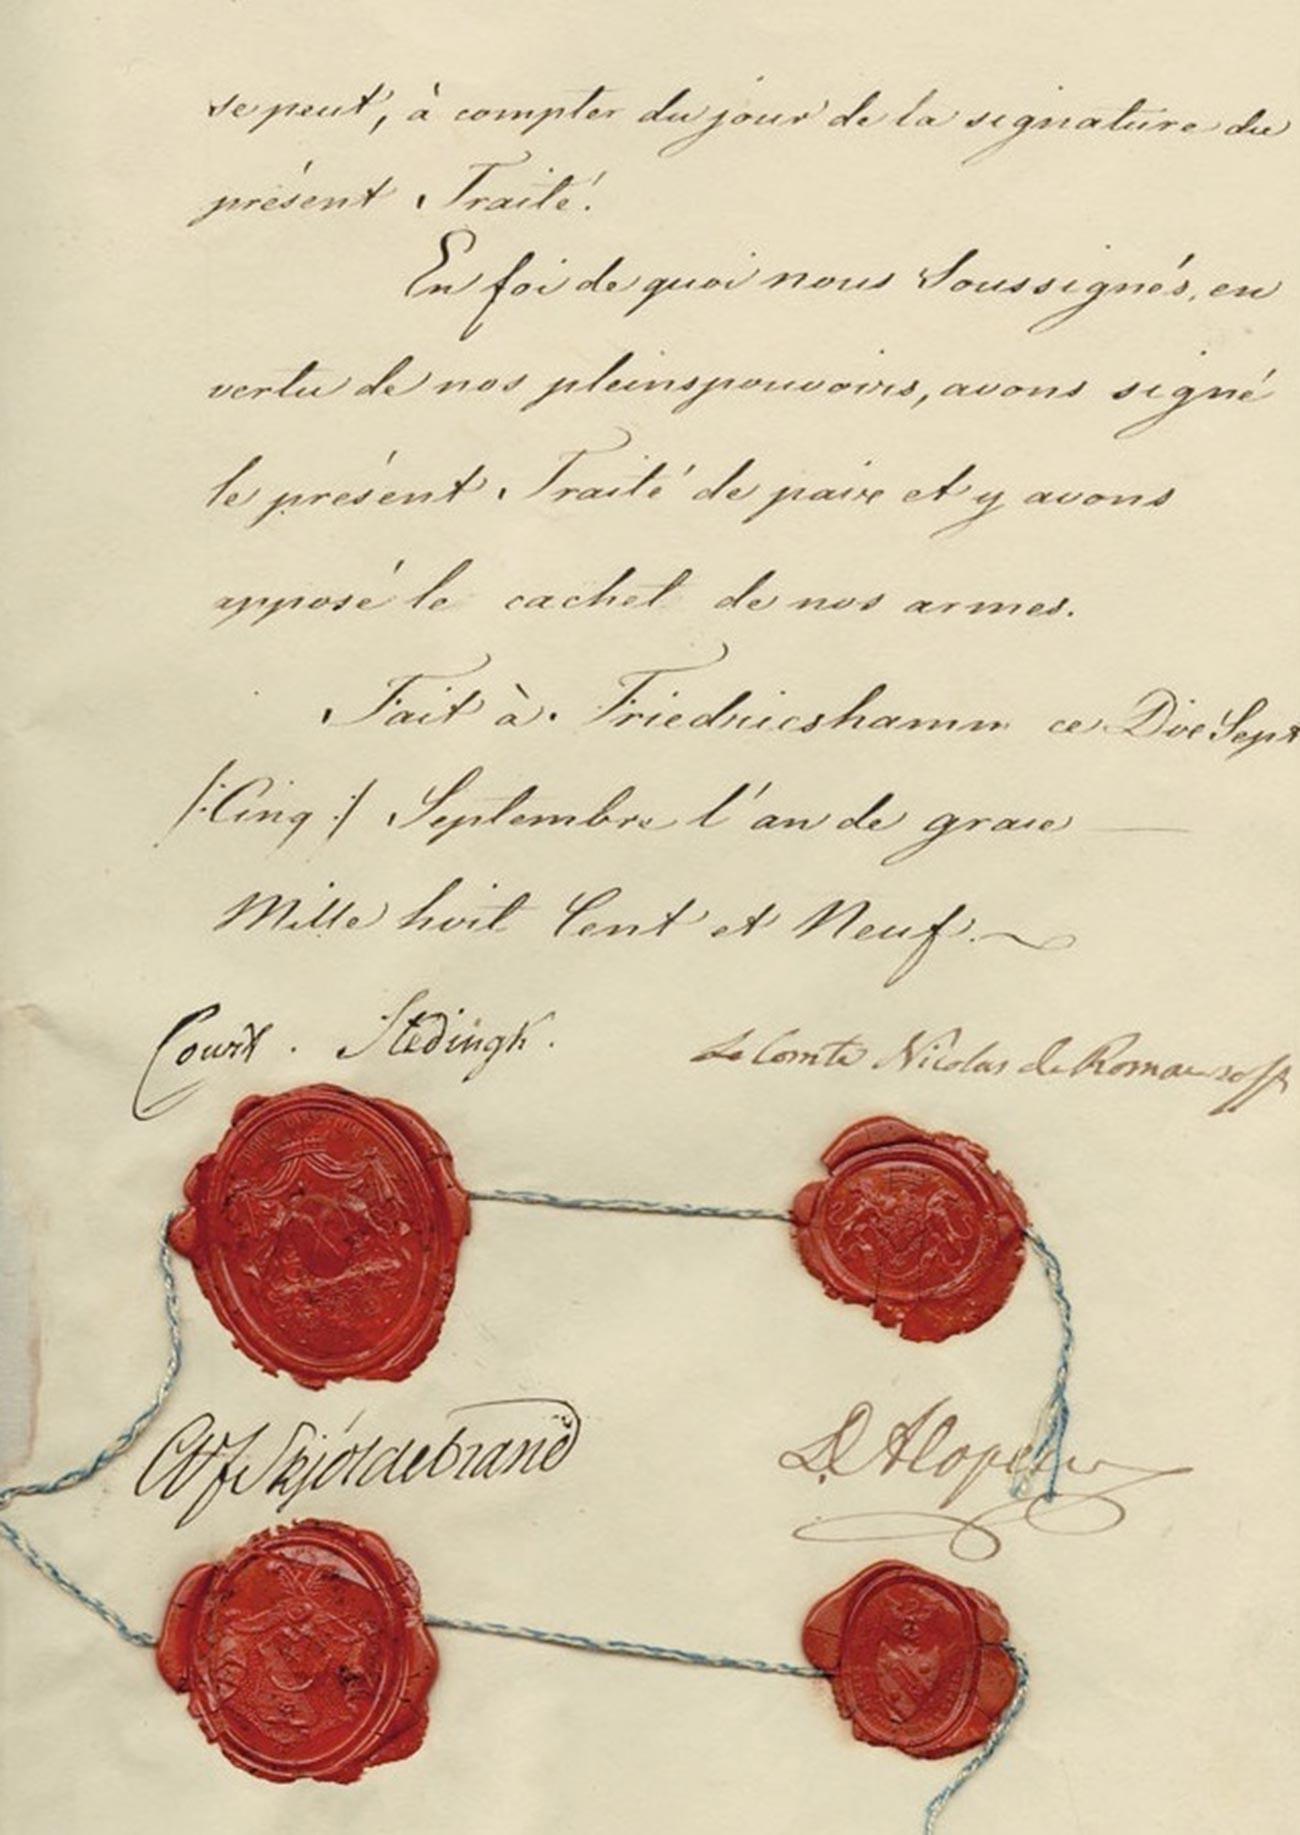 Tratado de Fredrikshamn